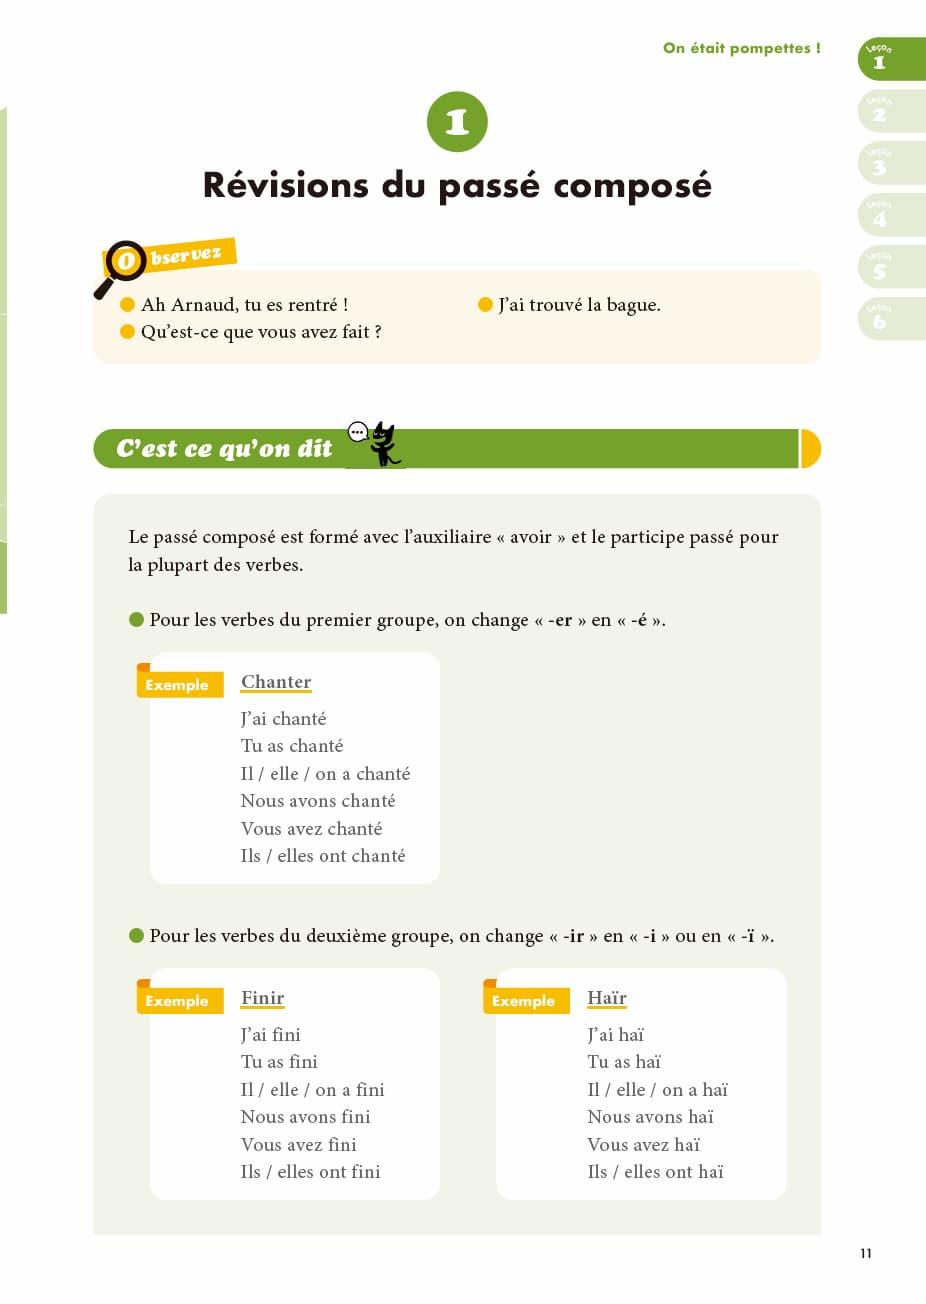 エコールサンパのフランス語教材「C'est sympa livret 7」の11ページ目